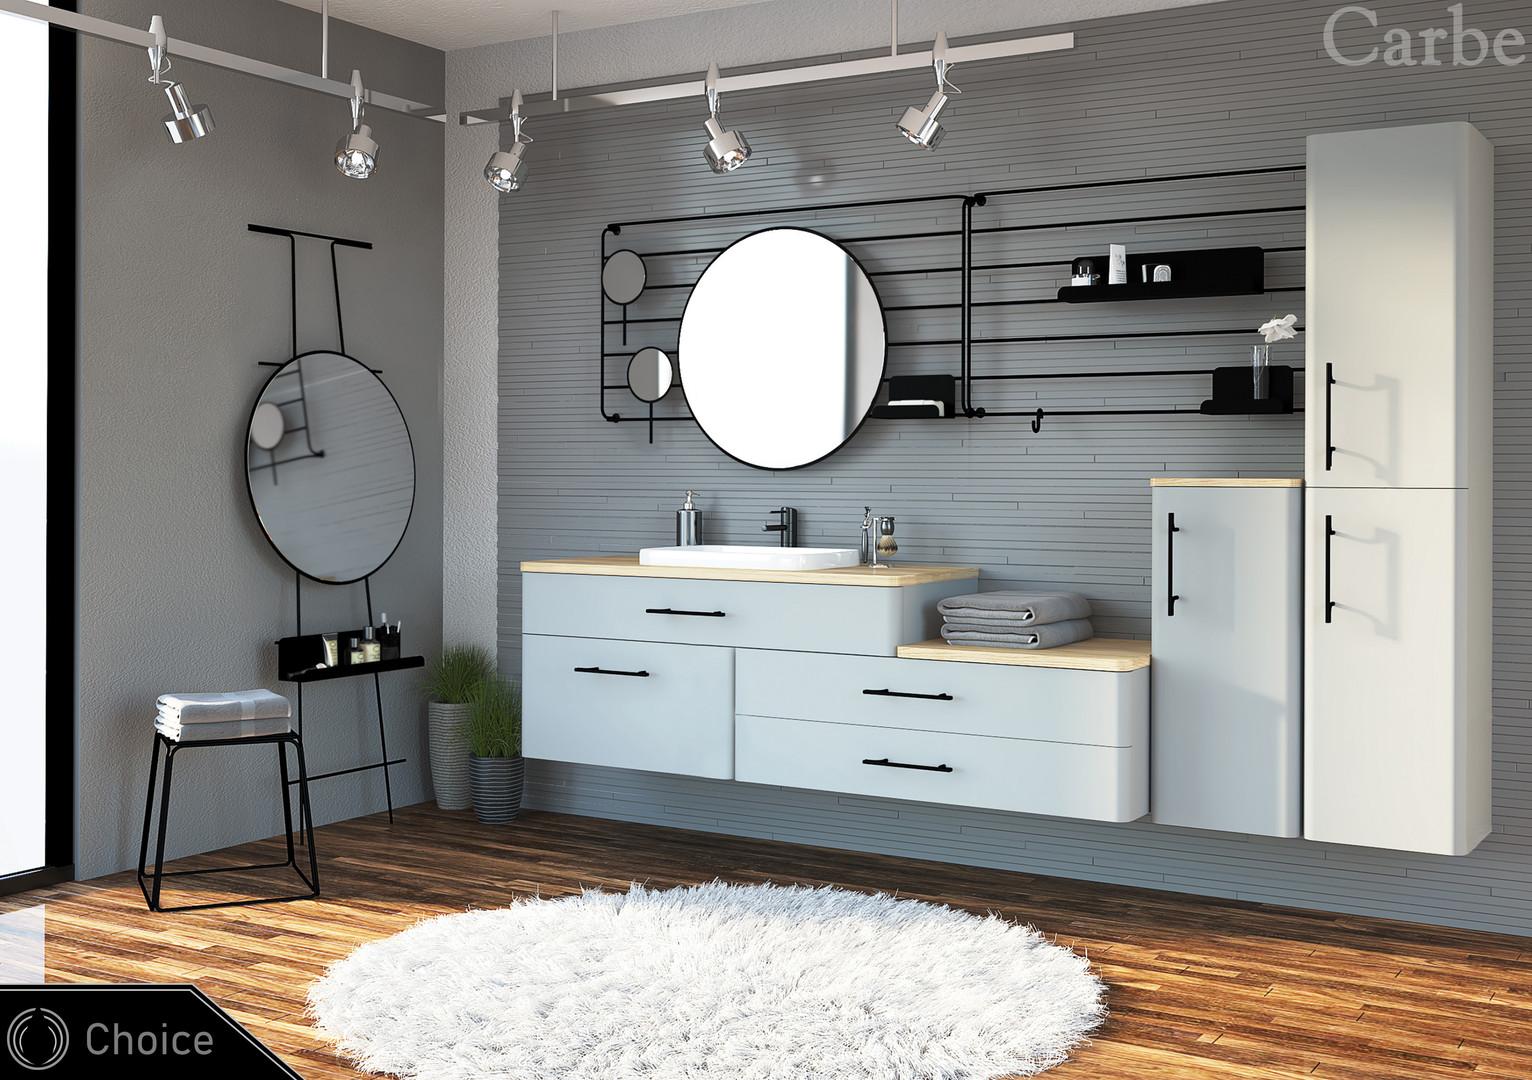 Choice - Pearl Grey Supermatt, Natural Ash Wood, Dolmite Wasbasin, Soft Closing